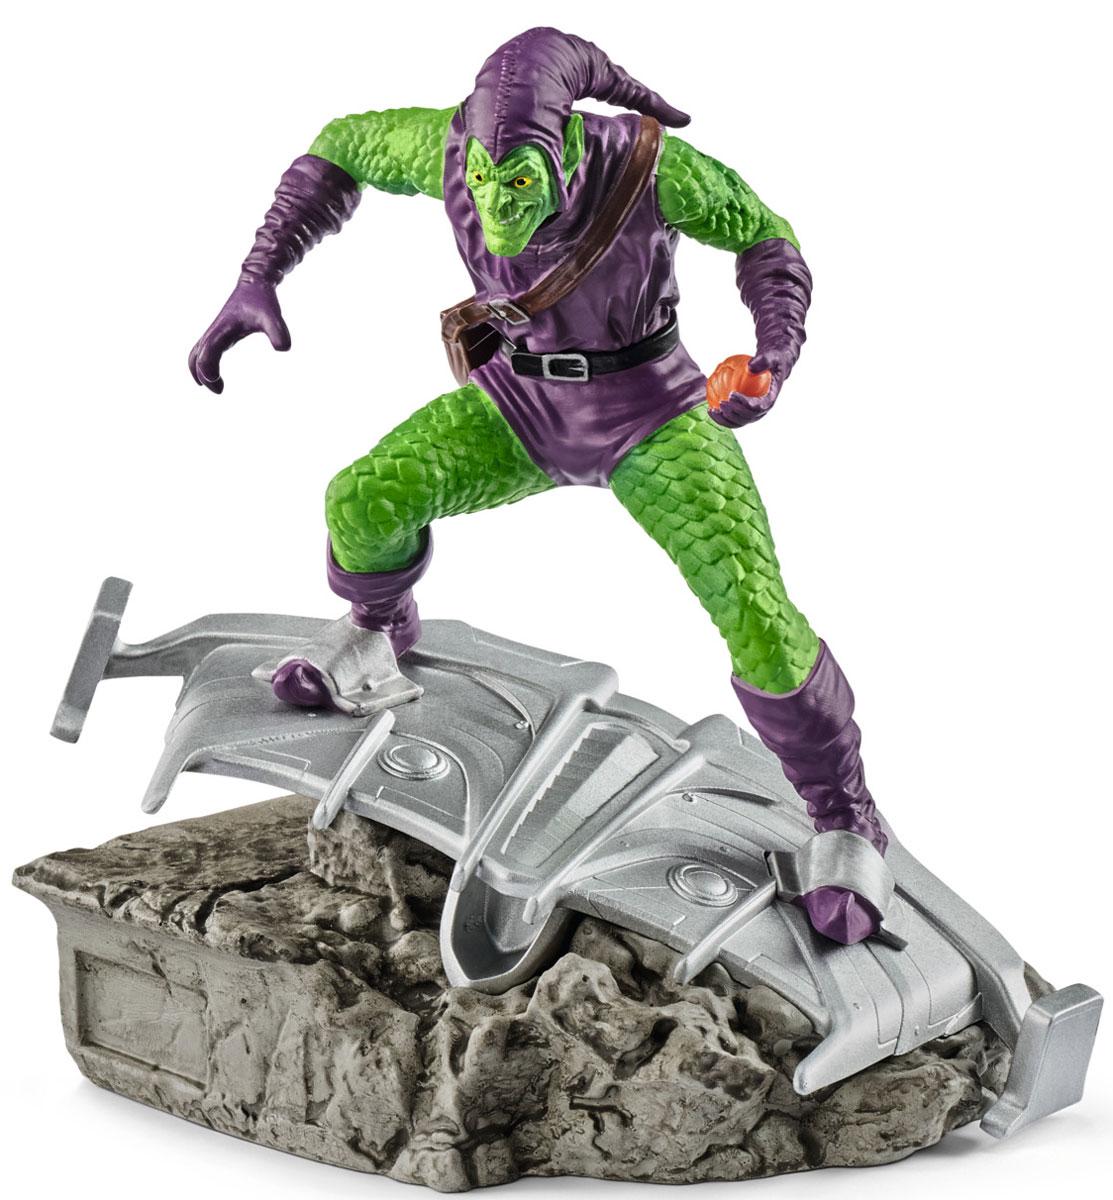 Schleich Фигурка Зеленый гоблин фигурки игрушки schleich герой комиксов бэтмэн и супермэн прикреплёны к опорной подставке